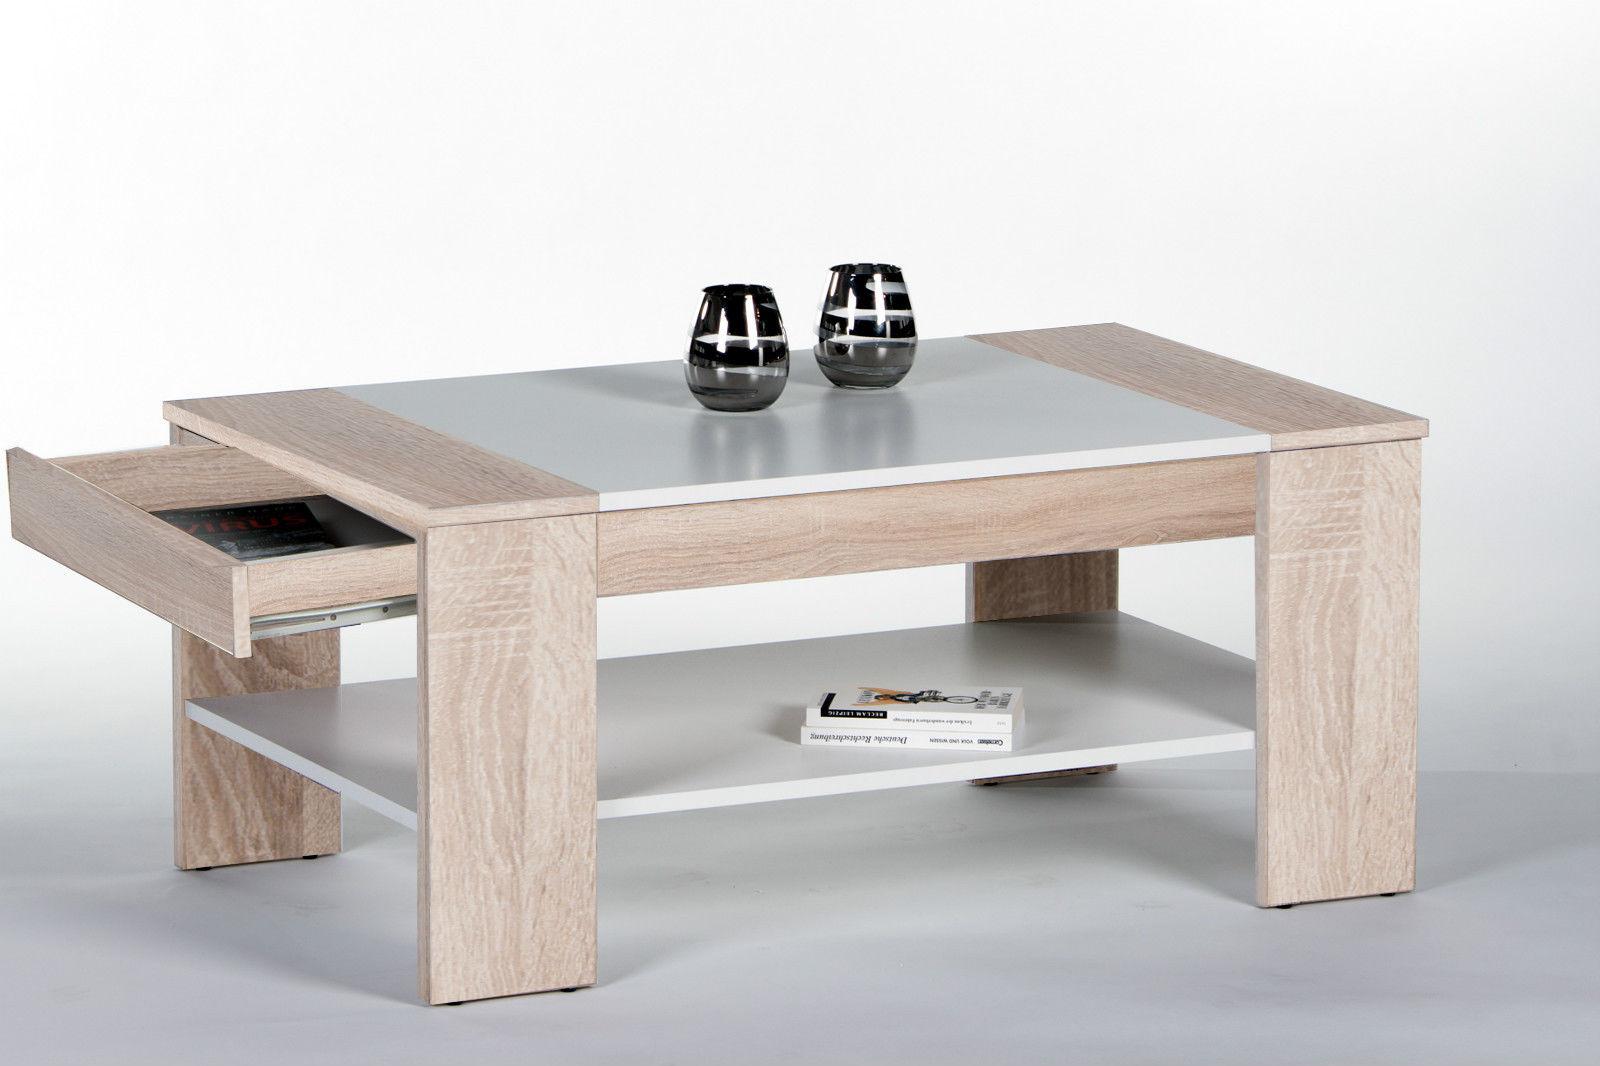 Couchtisch Finley Plus, Wohnzimmertisch, Stubentisch, Tisch, Sonoma Weiß, 100x58